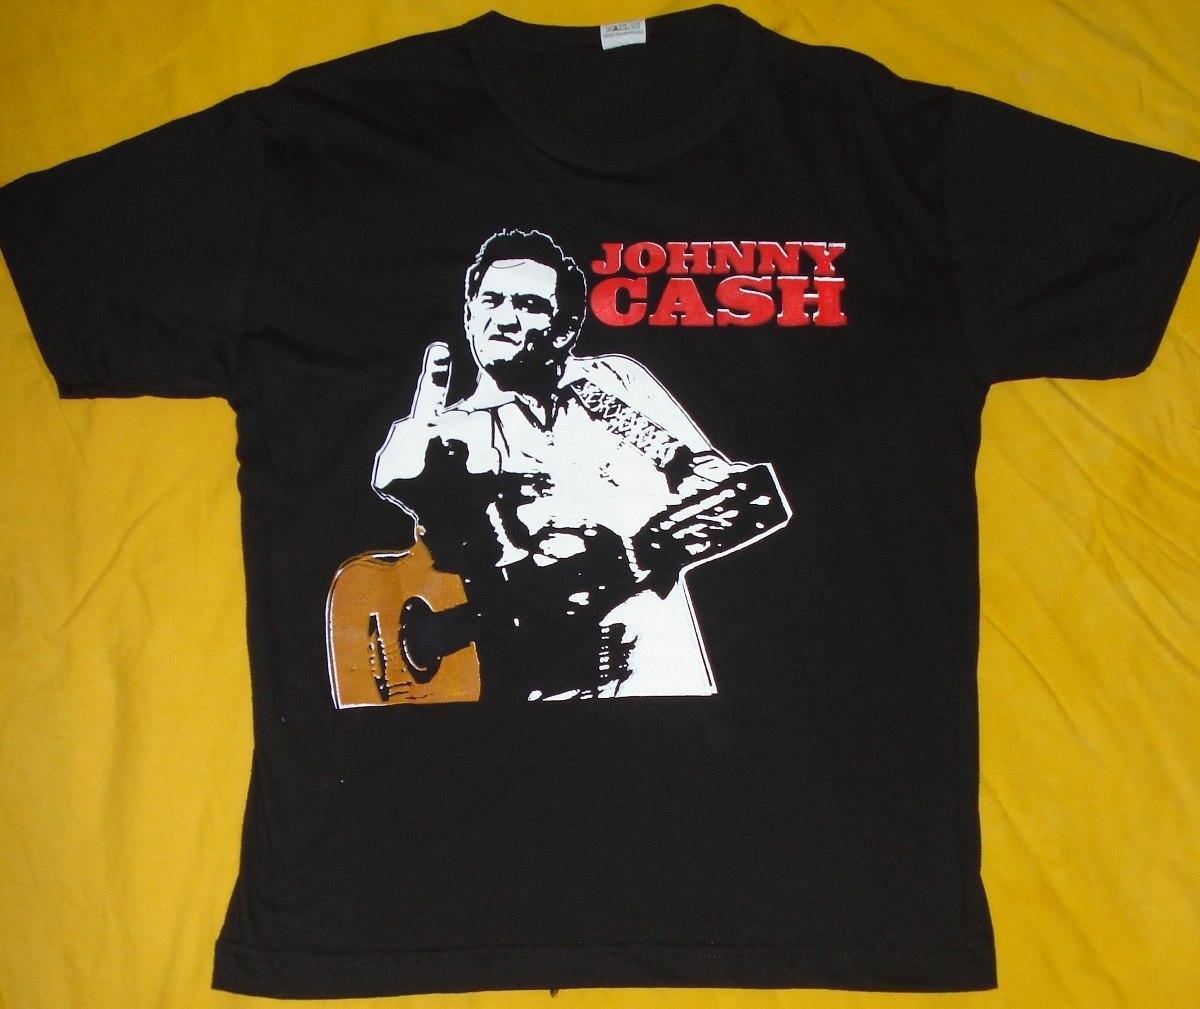 79d94ceb32d1f johnny cash camiseta bandas rock algodão fio 30. Carregando zoom.